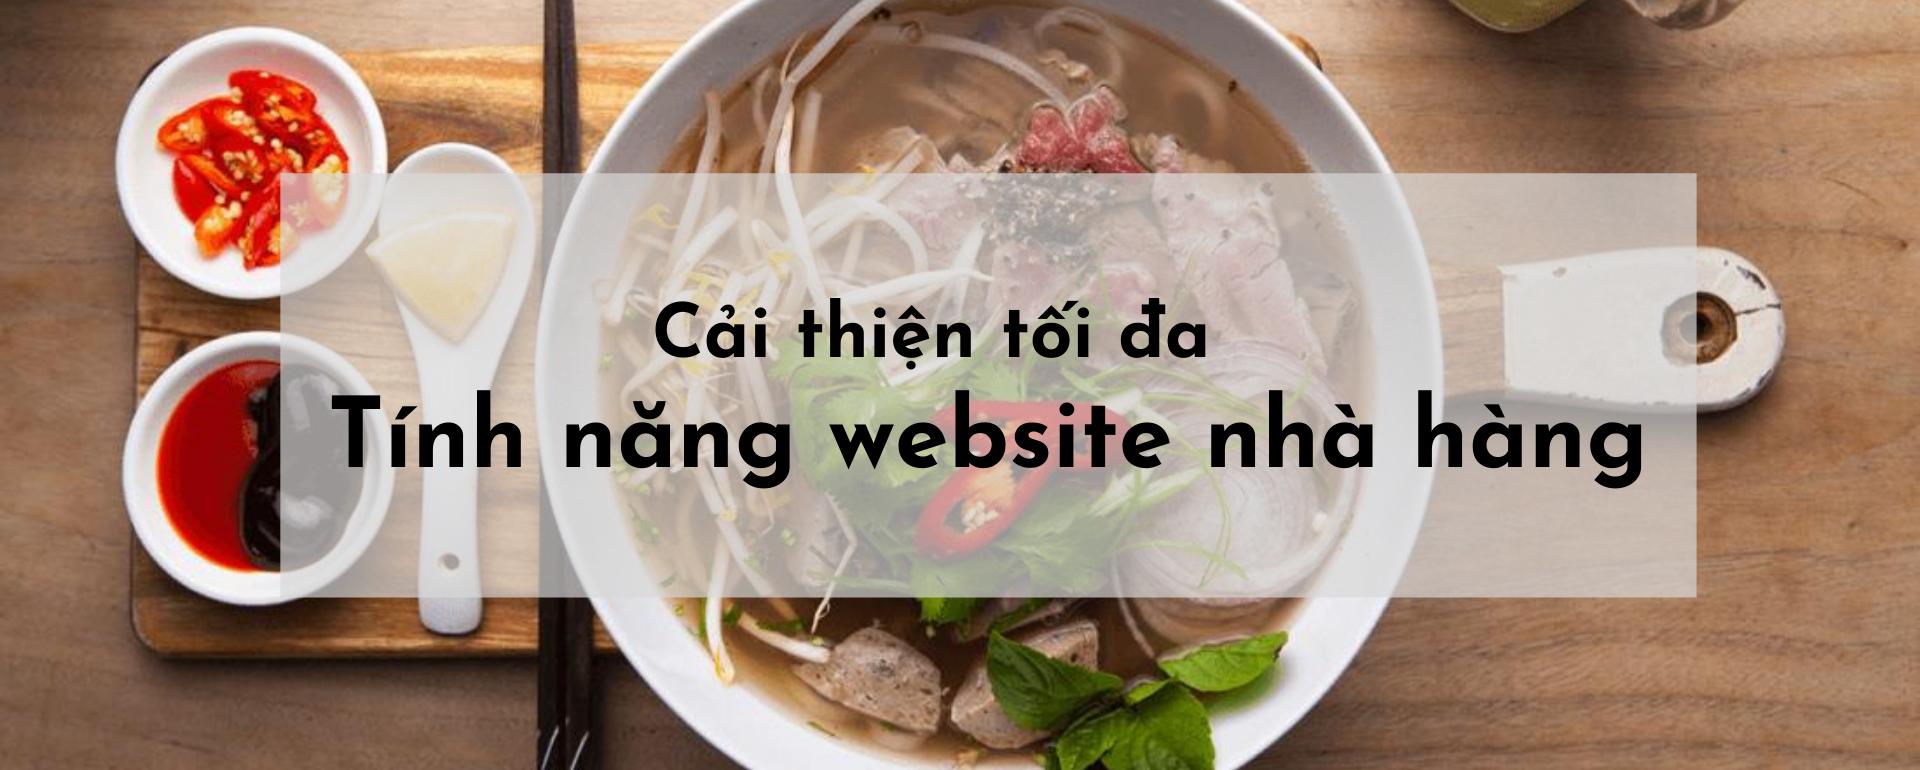 Tính năng website nhà hàng